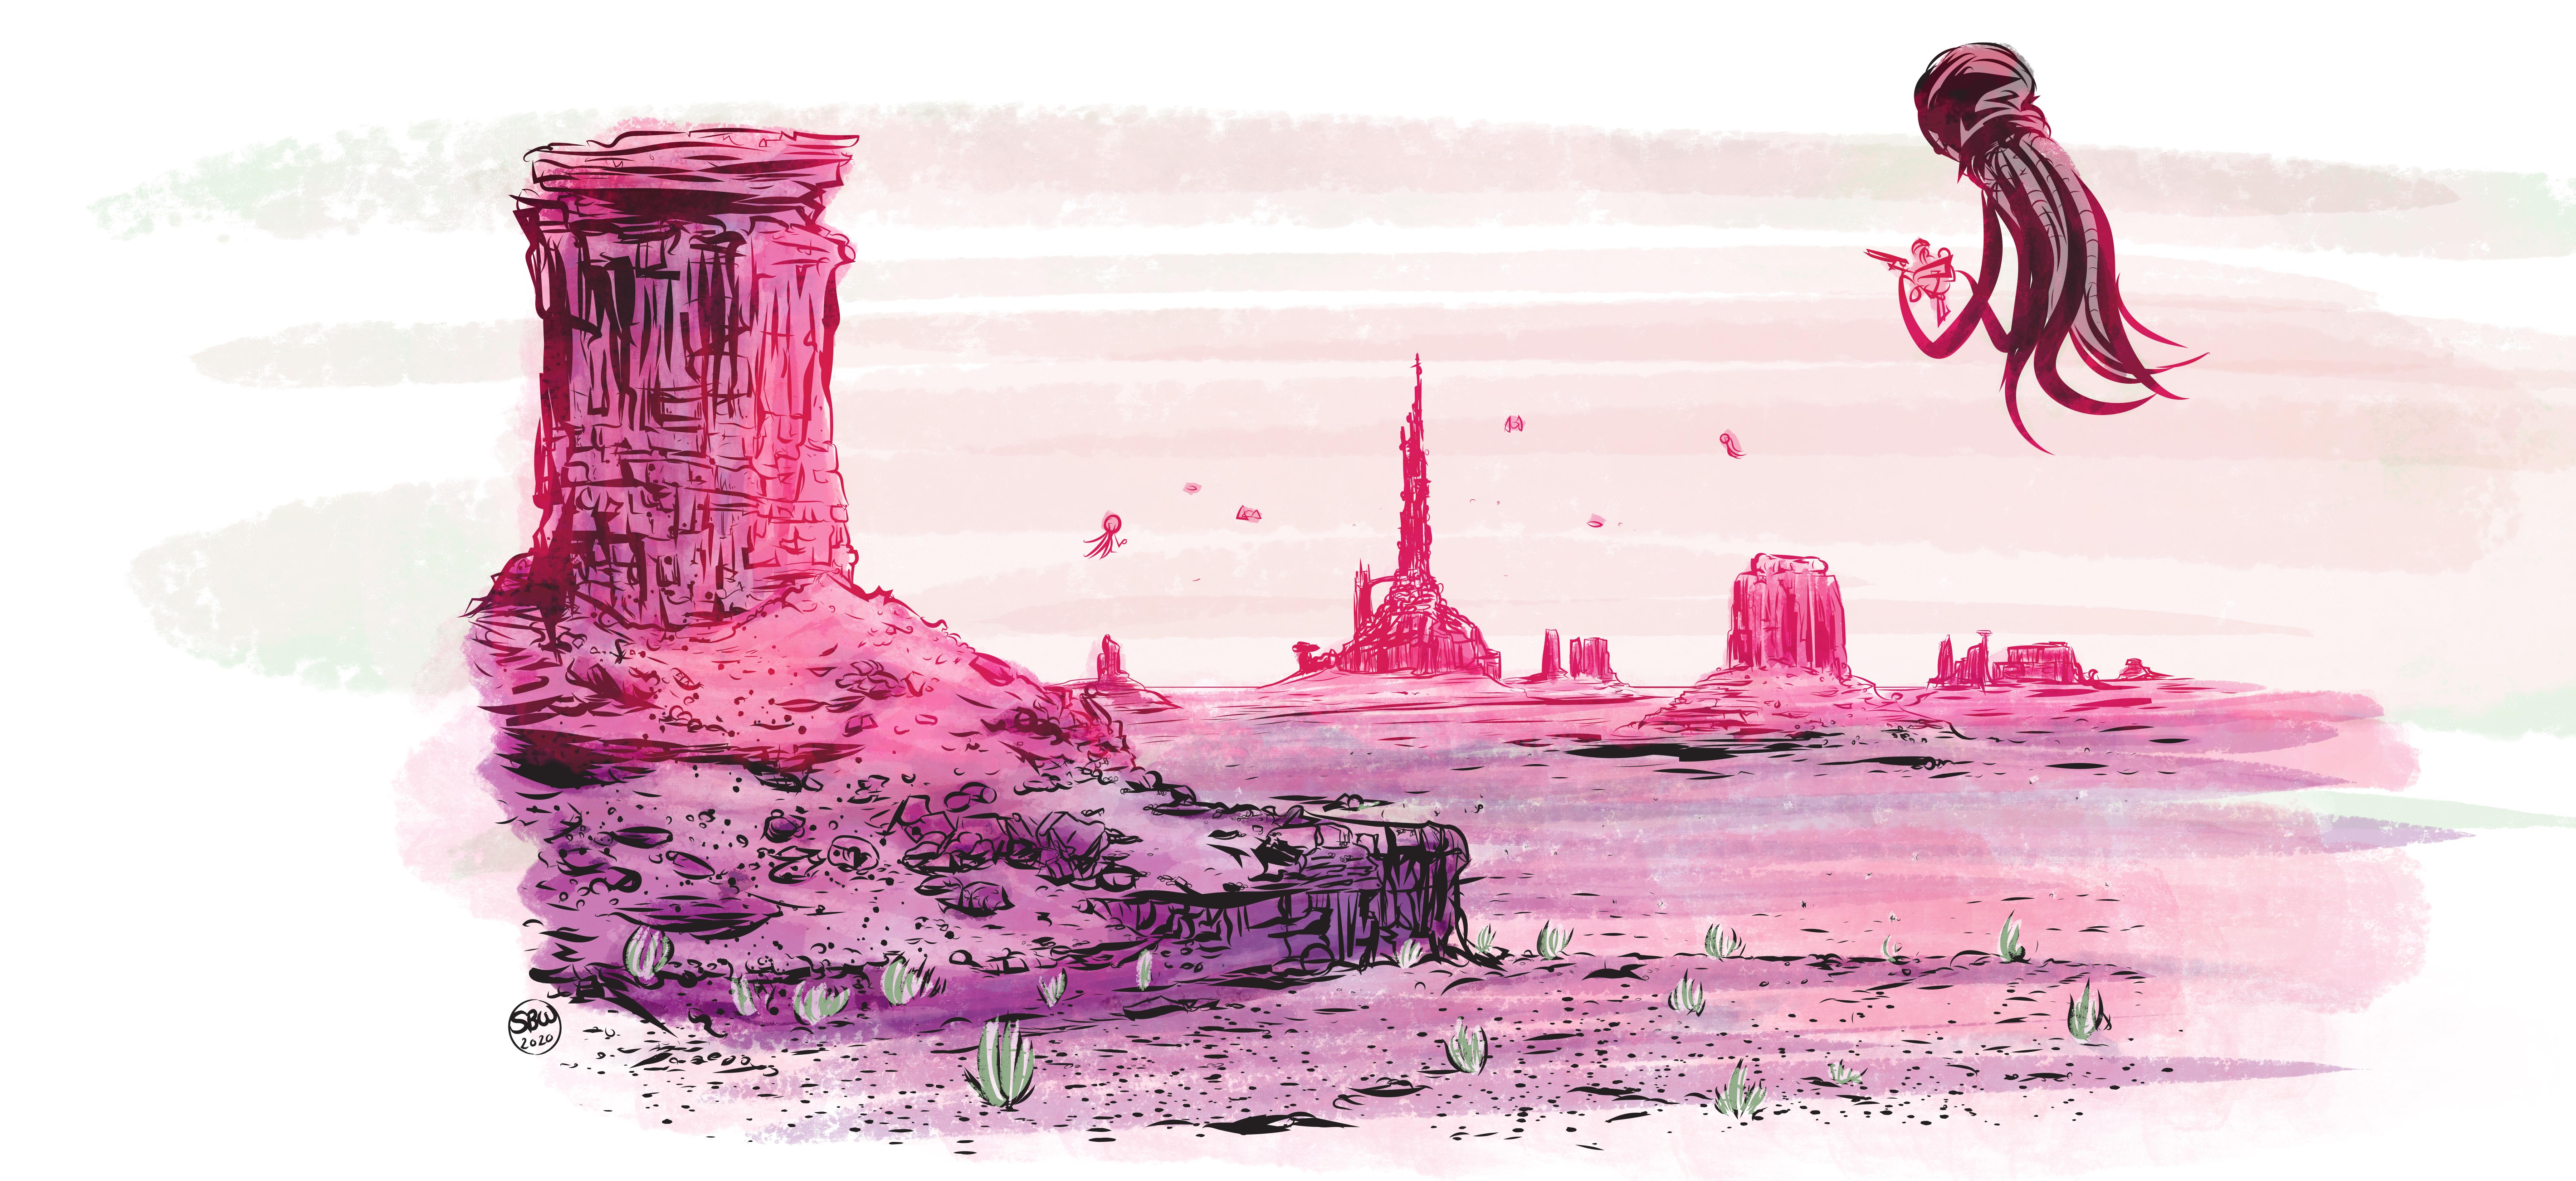 Daring landscape